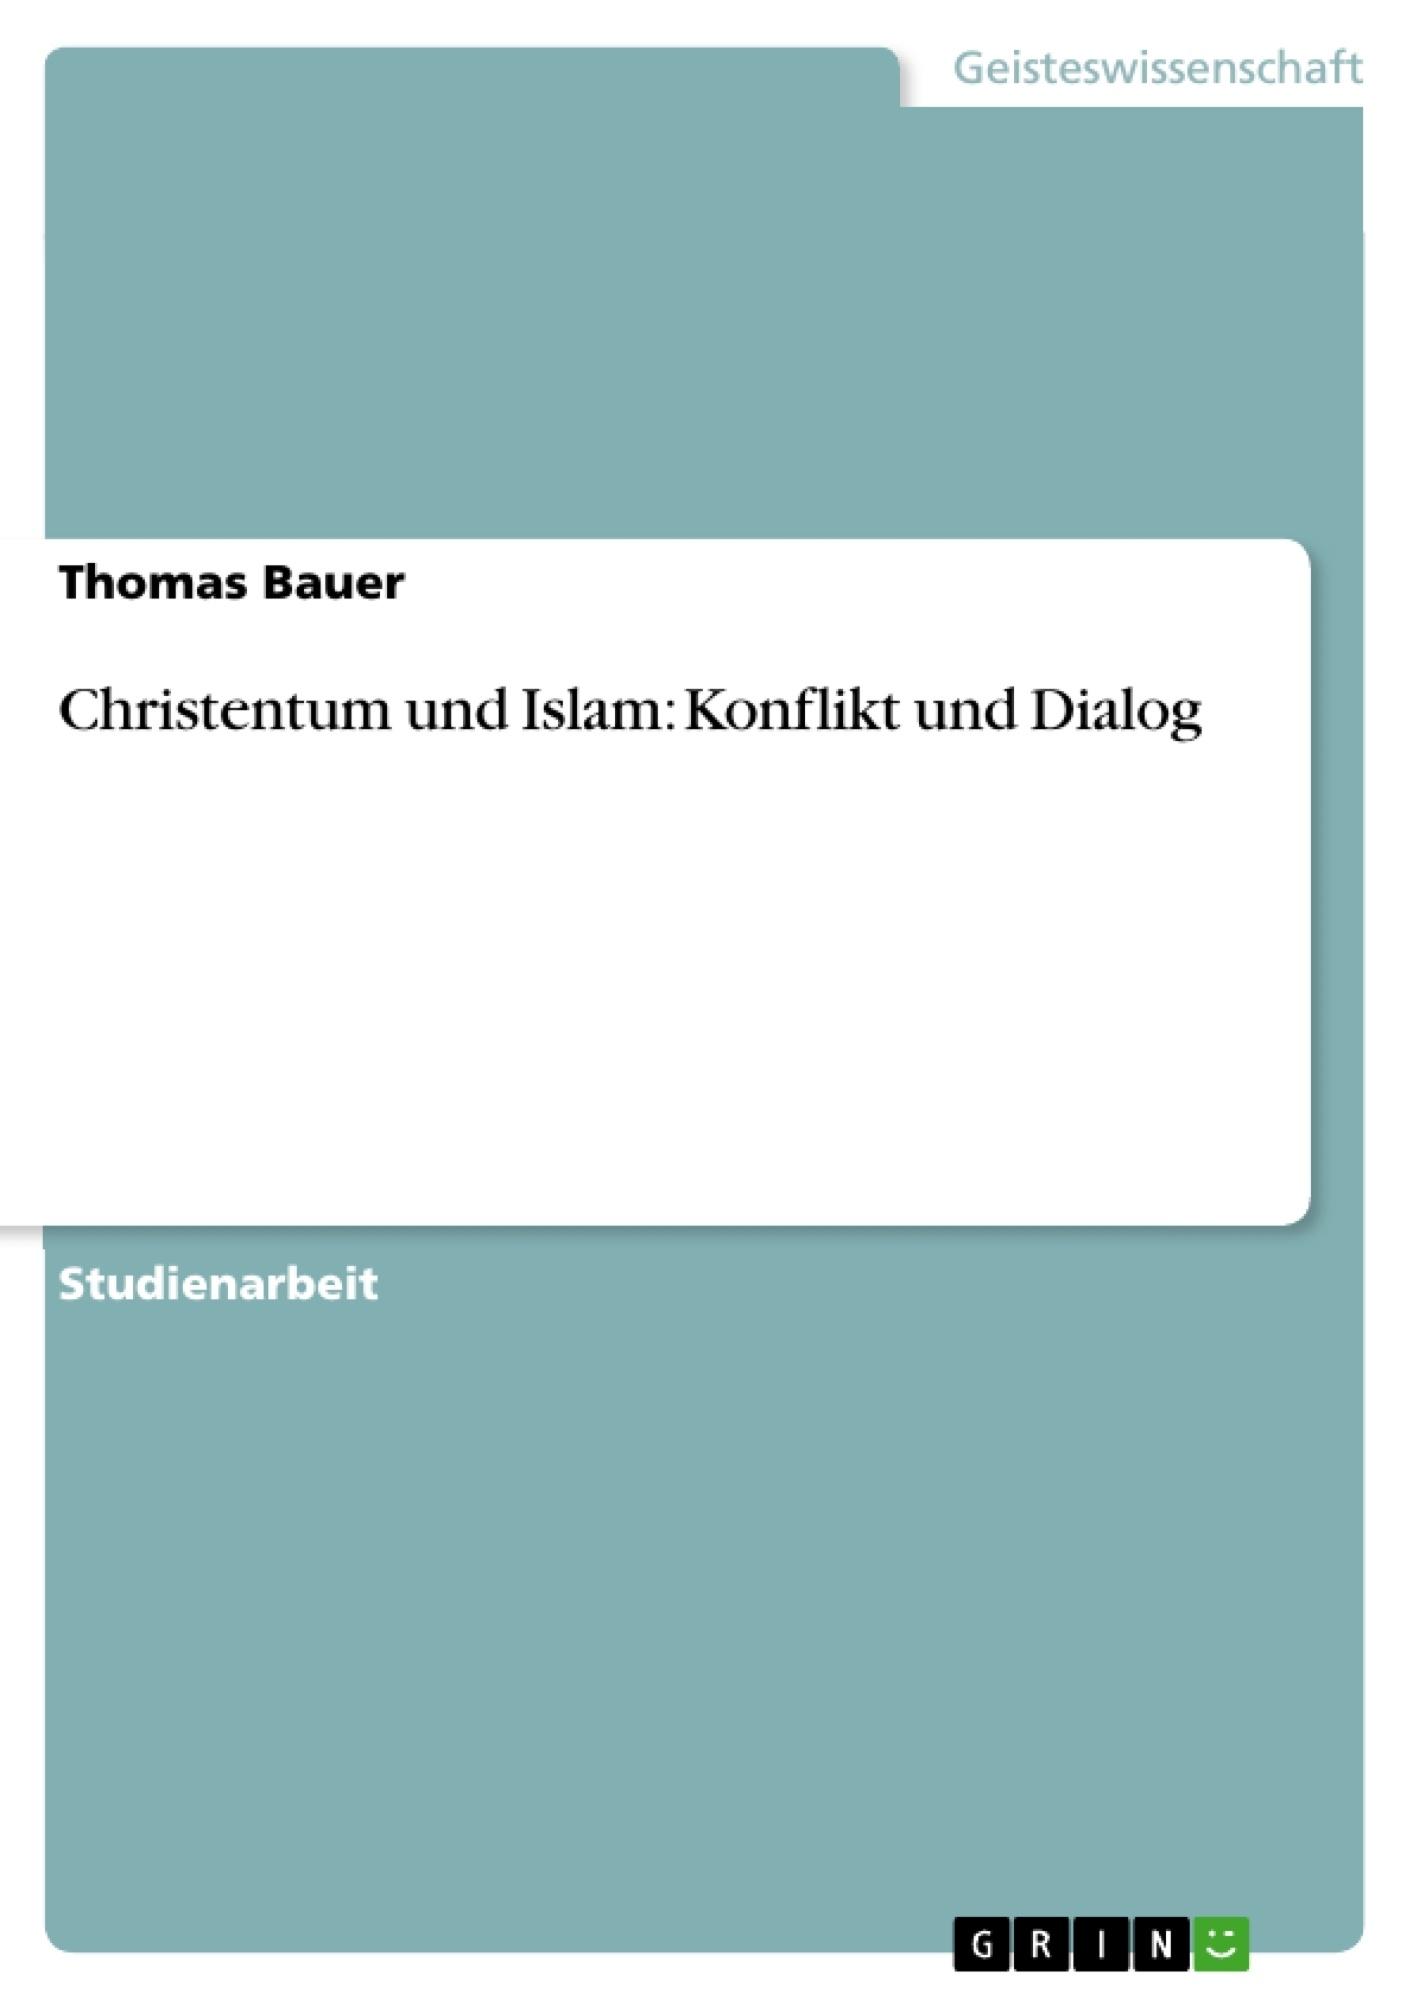 Titel: Christentum und Islam: Konflikt und Dialog